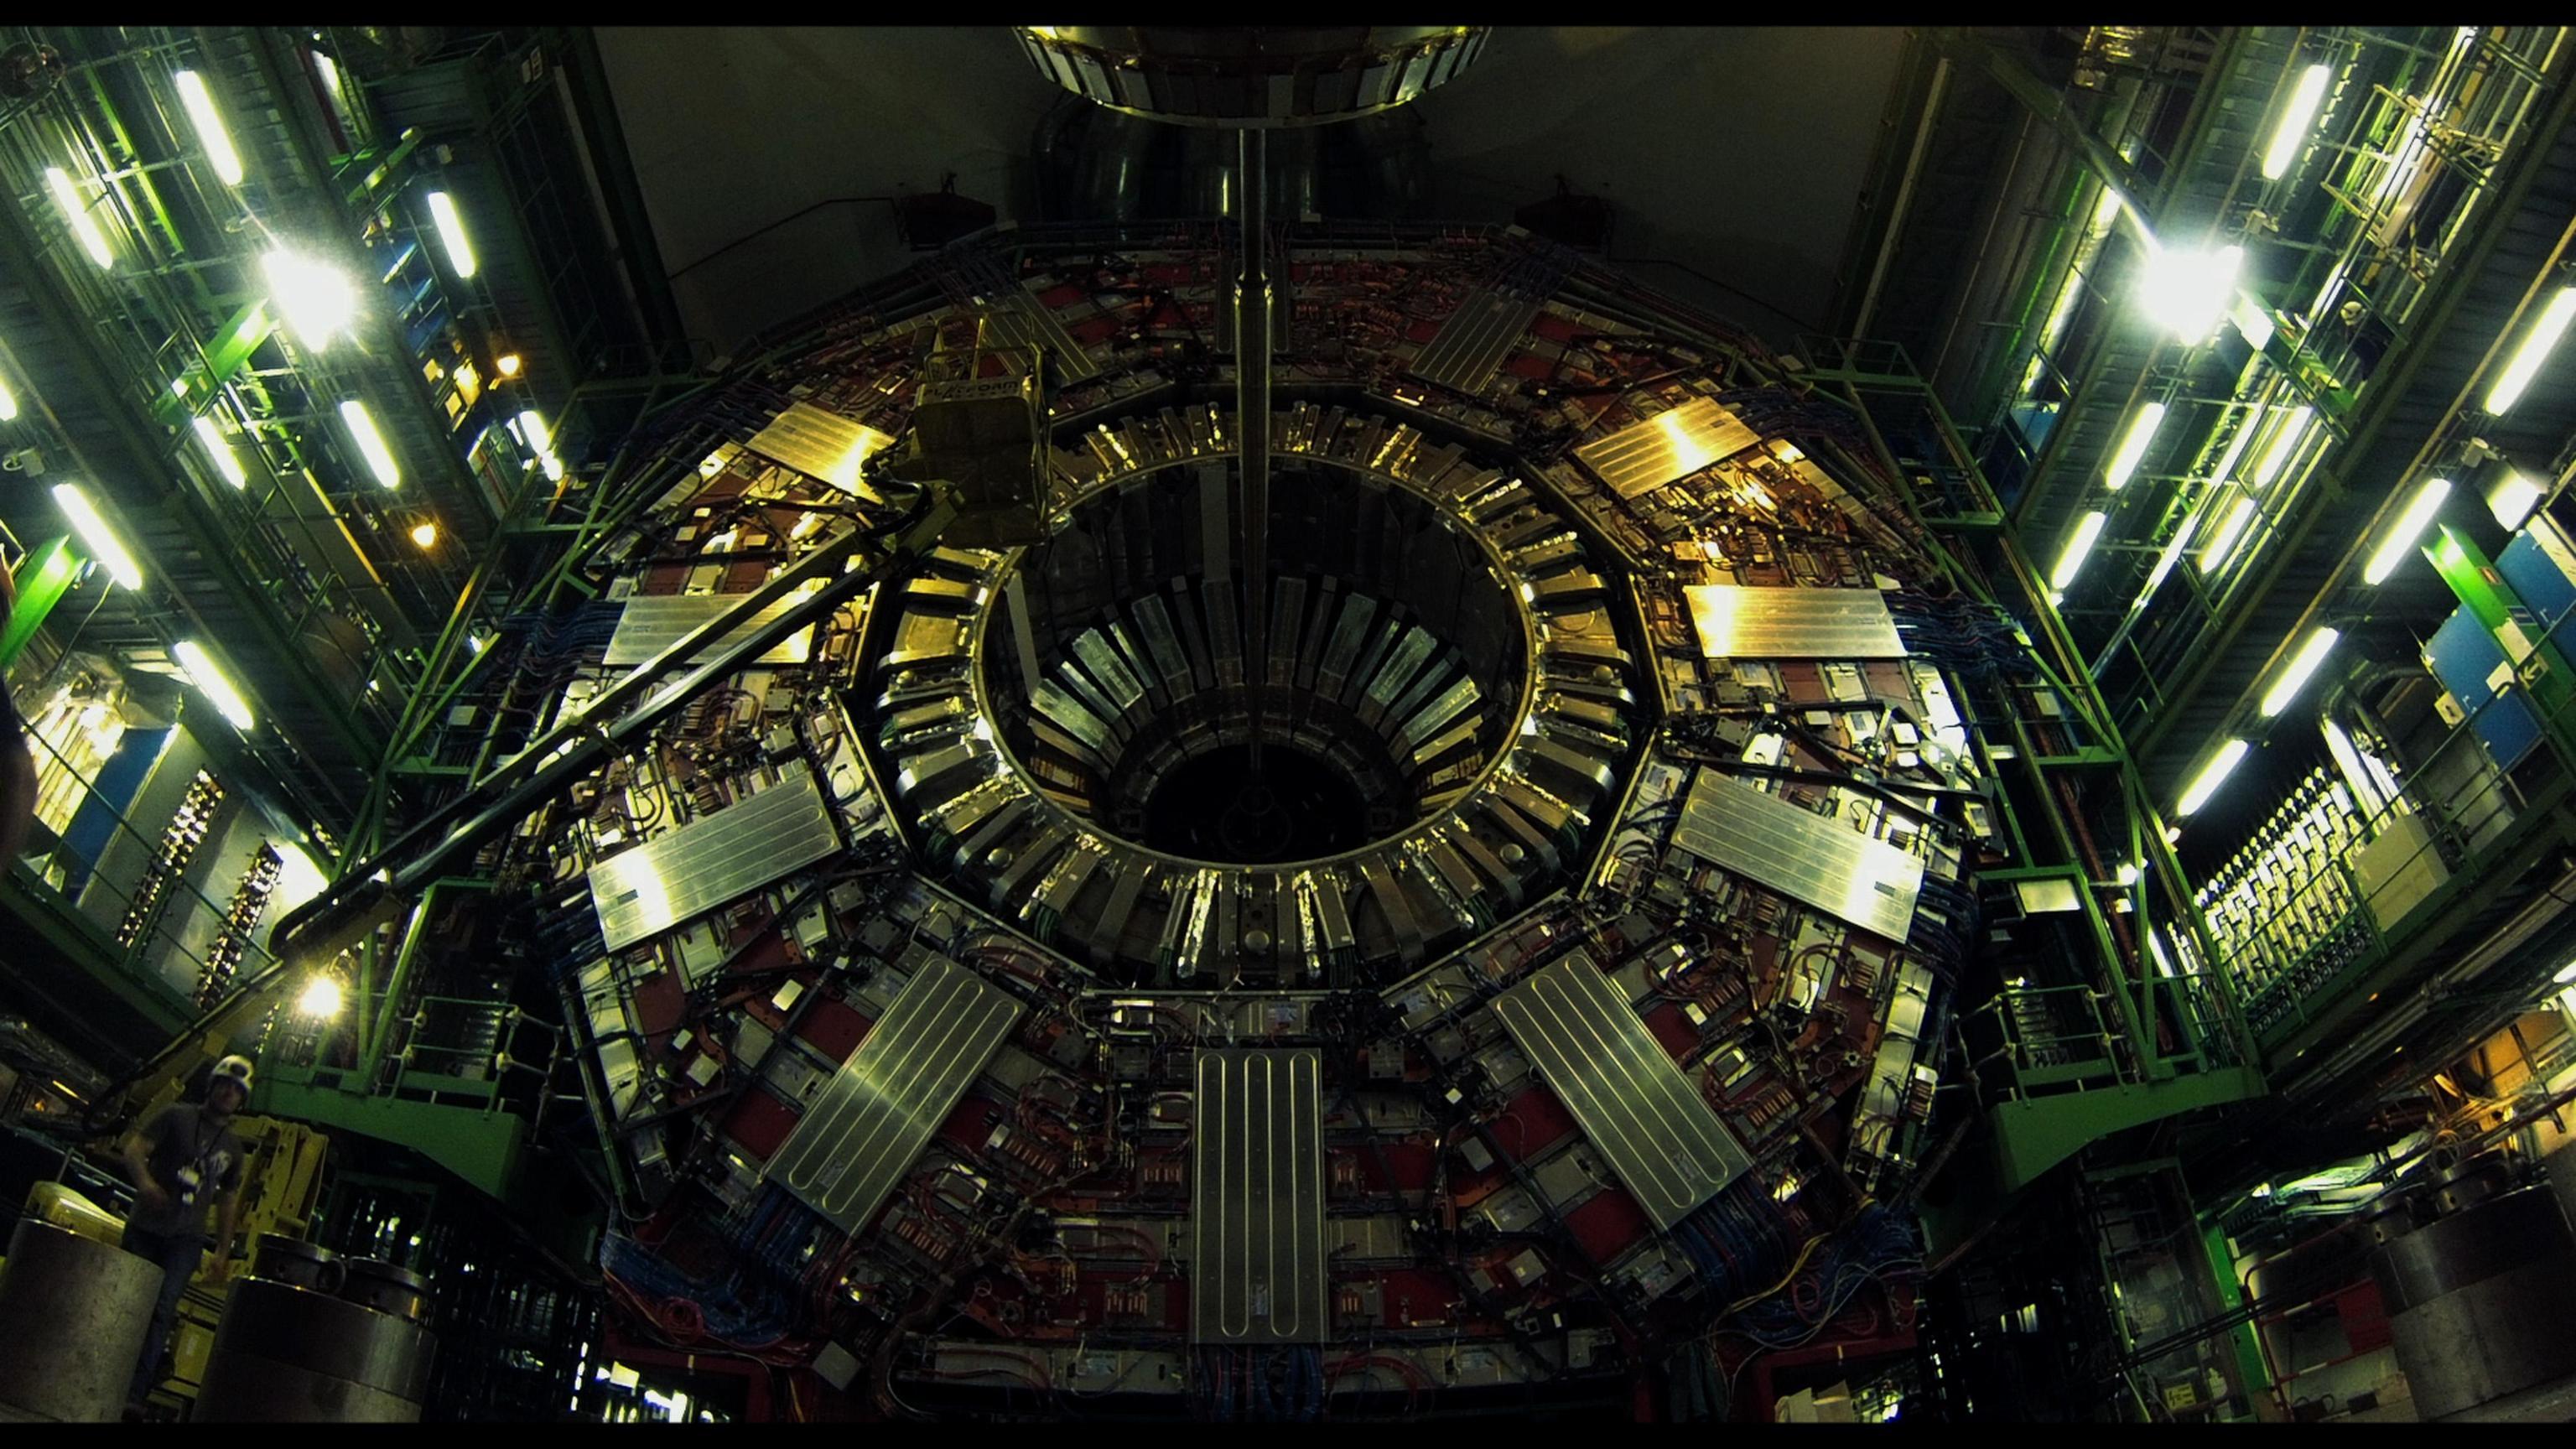 L'utopia del Cern tra scienza e bellezza